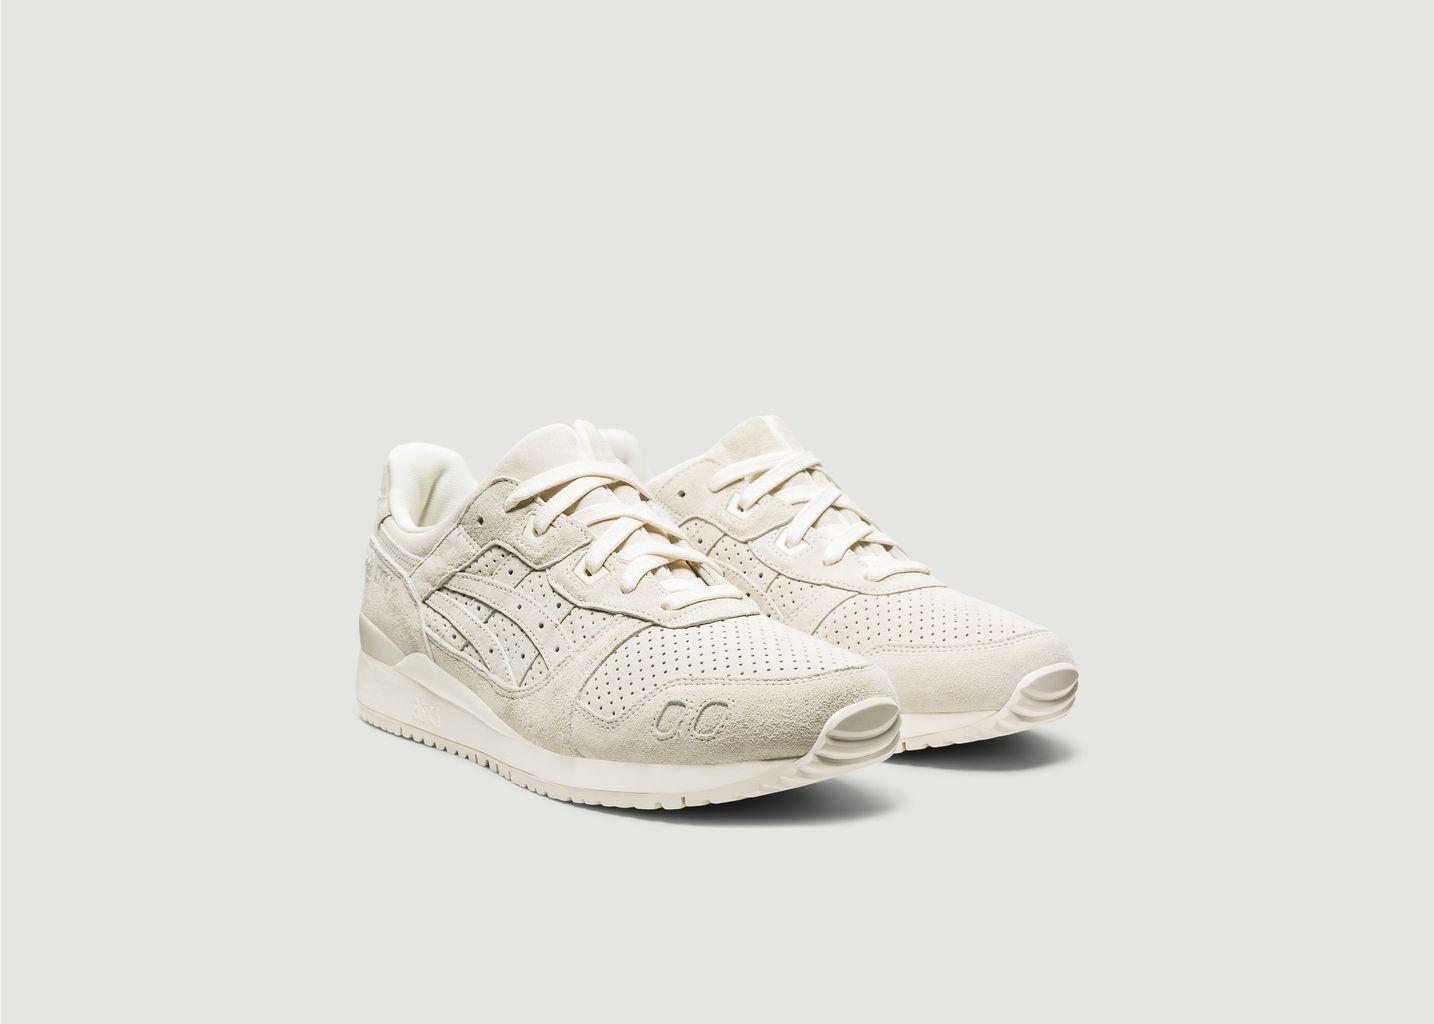 Sneakers Gel Lyte III OG - Asics